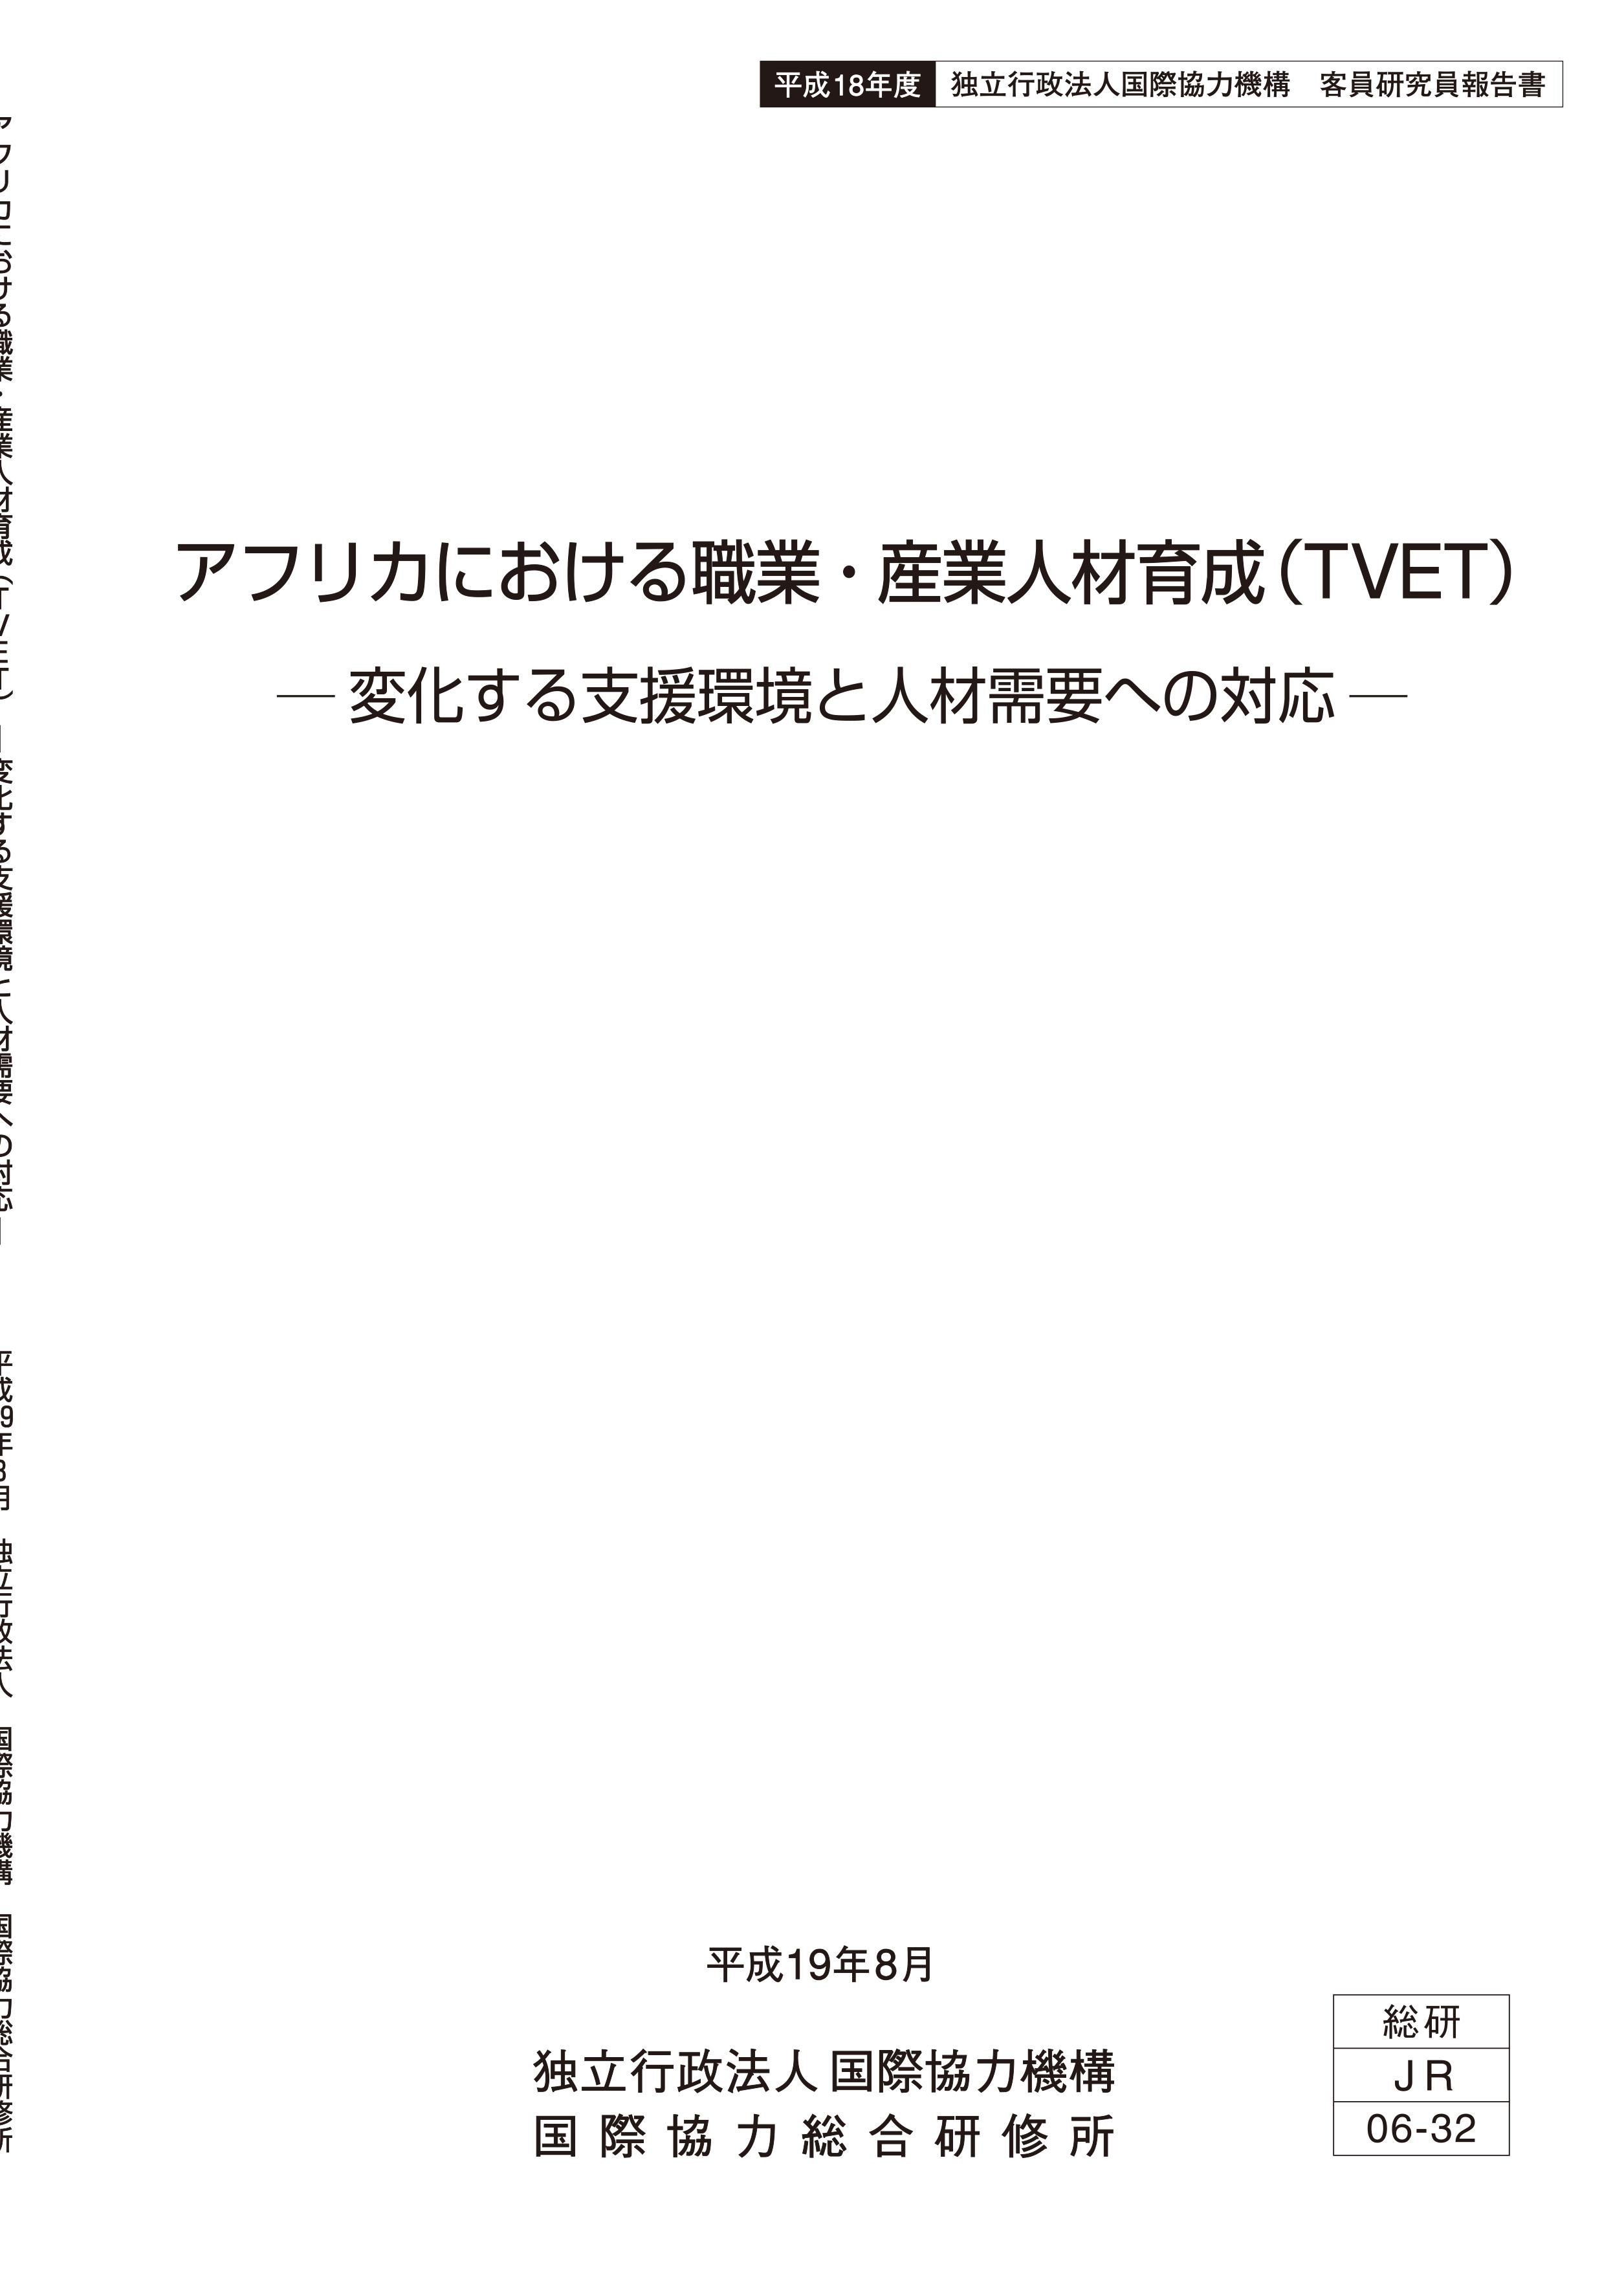 『アフリカにおける職業・産業人材育成(TVET)―変化する支援環境と人材需要への対応―』 pp. 79,国際協力機構